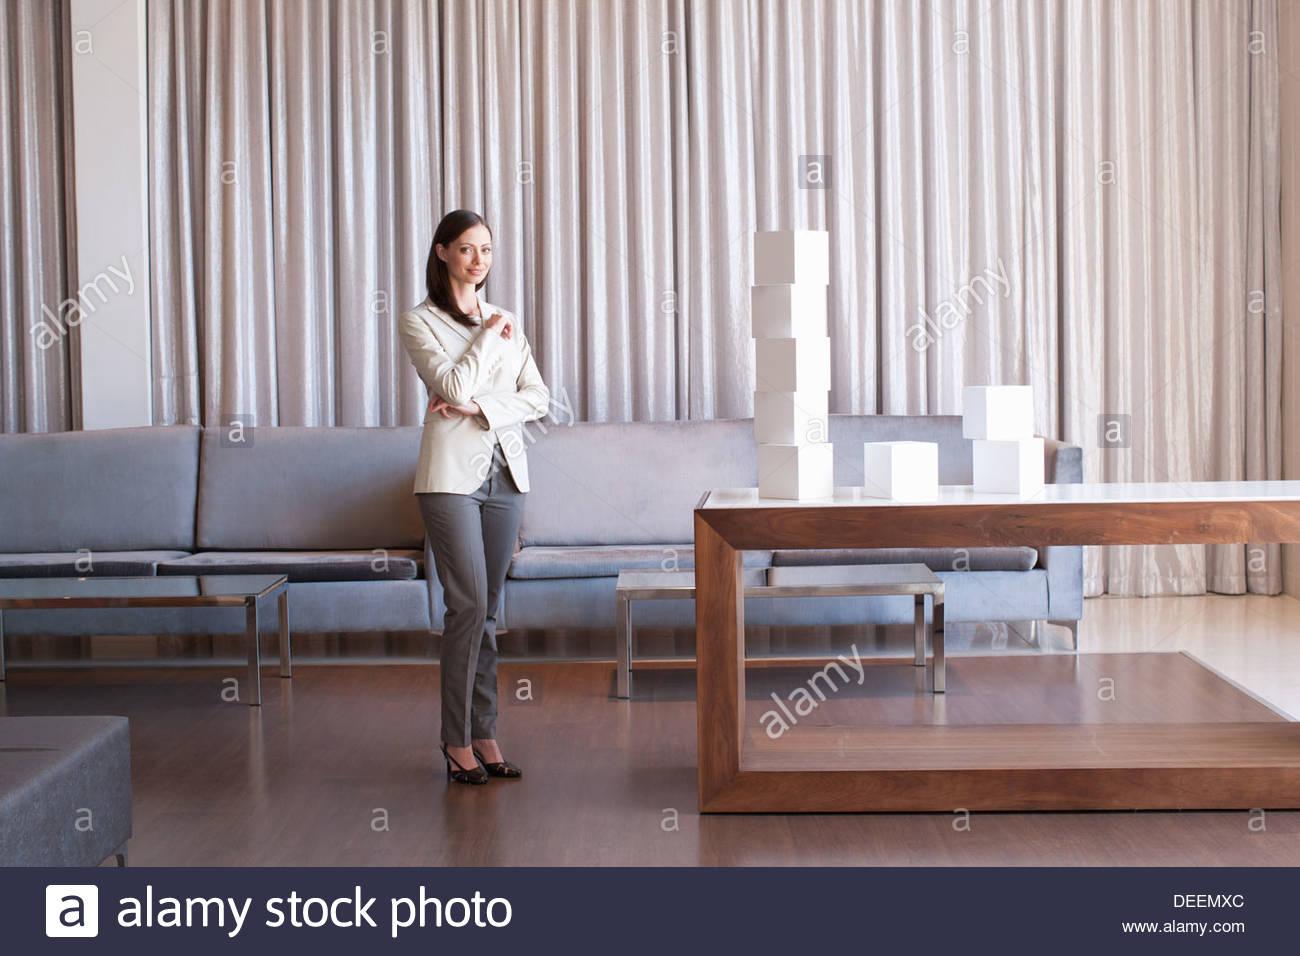 Geschäftsfrau Stapeln weißen Würfel in Hotellobby Stockbild